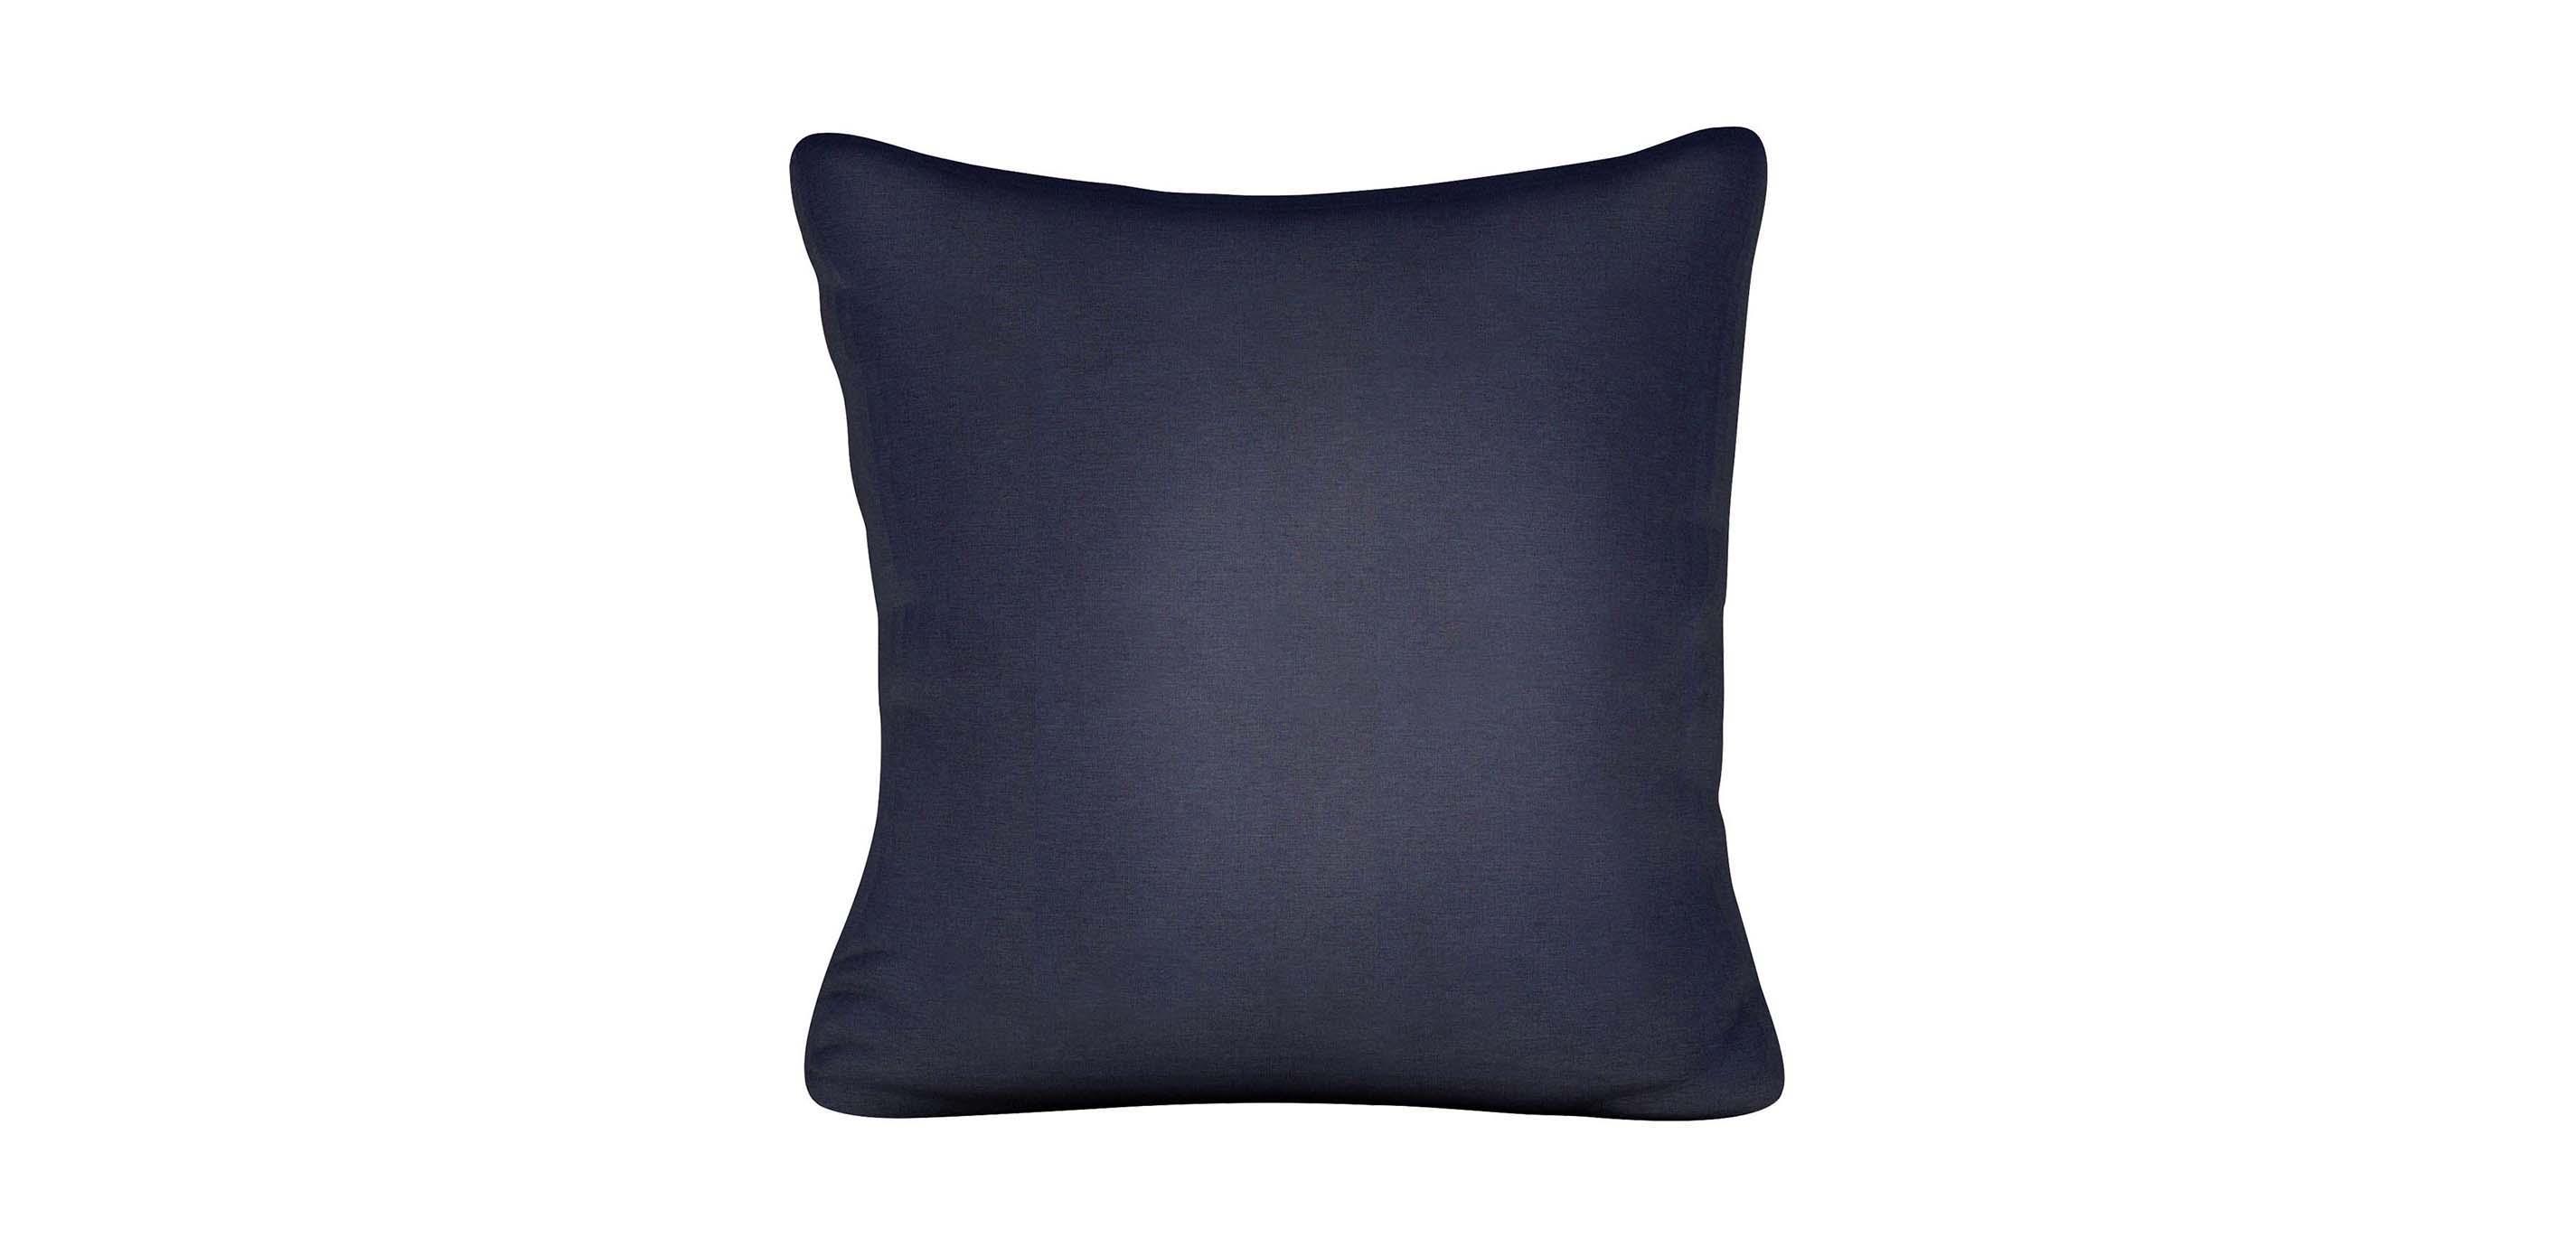 Kean Navy Outdoor Pillow  Outdoor Pillows  Ethan Allen